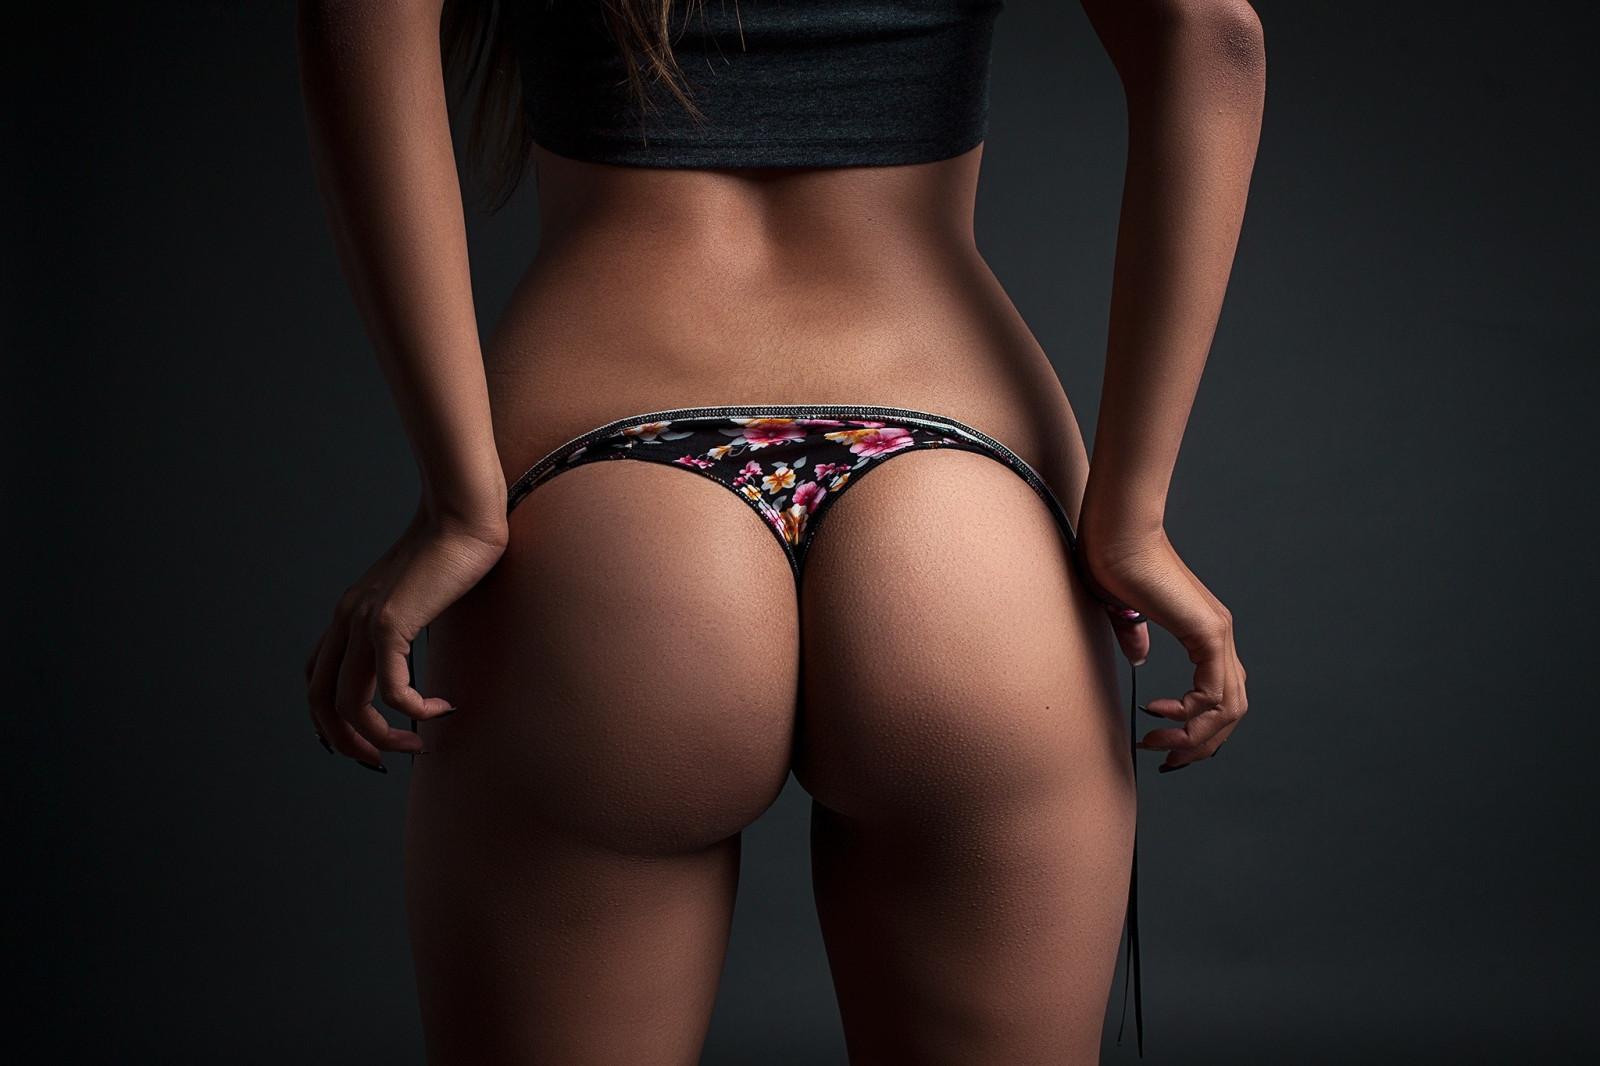 sexy-ass-wallpaper